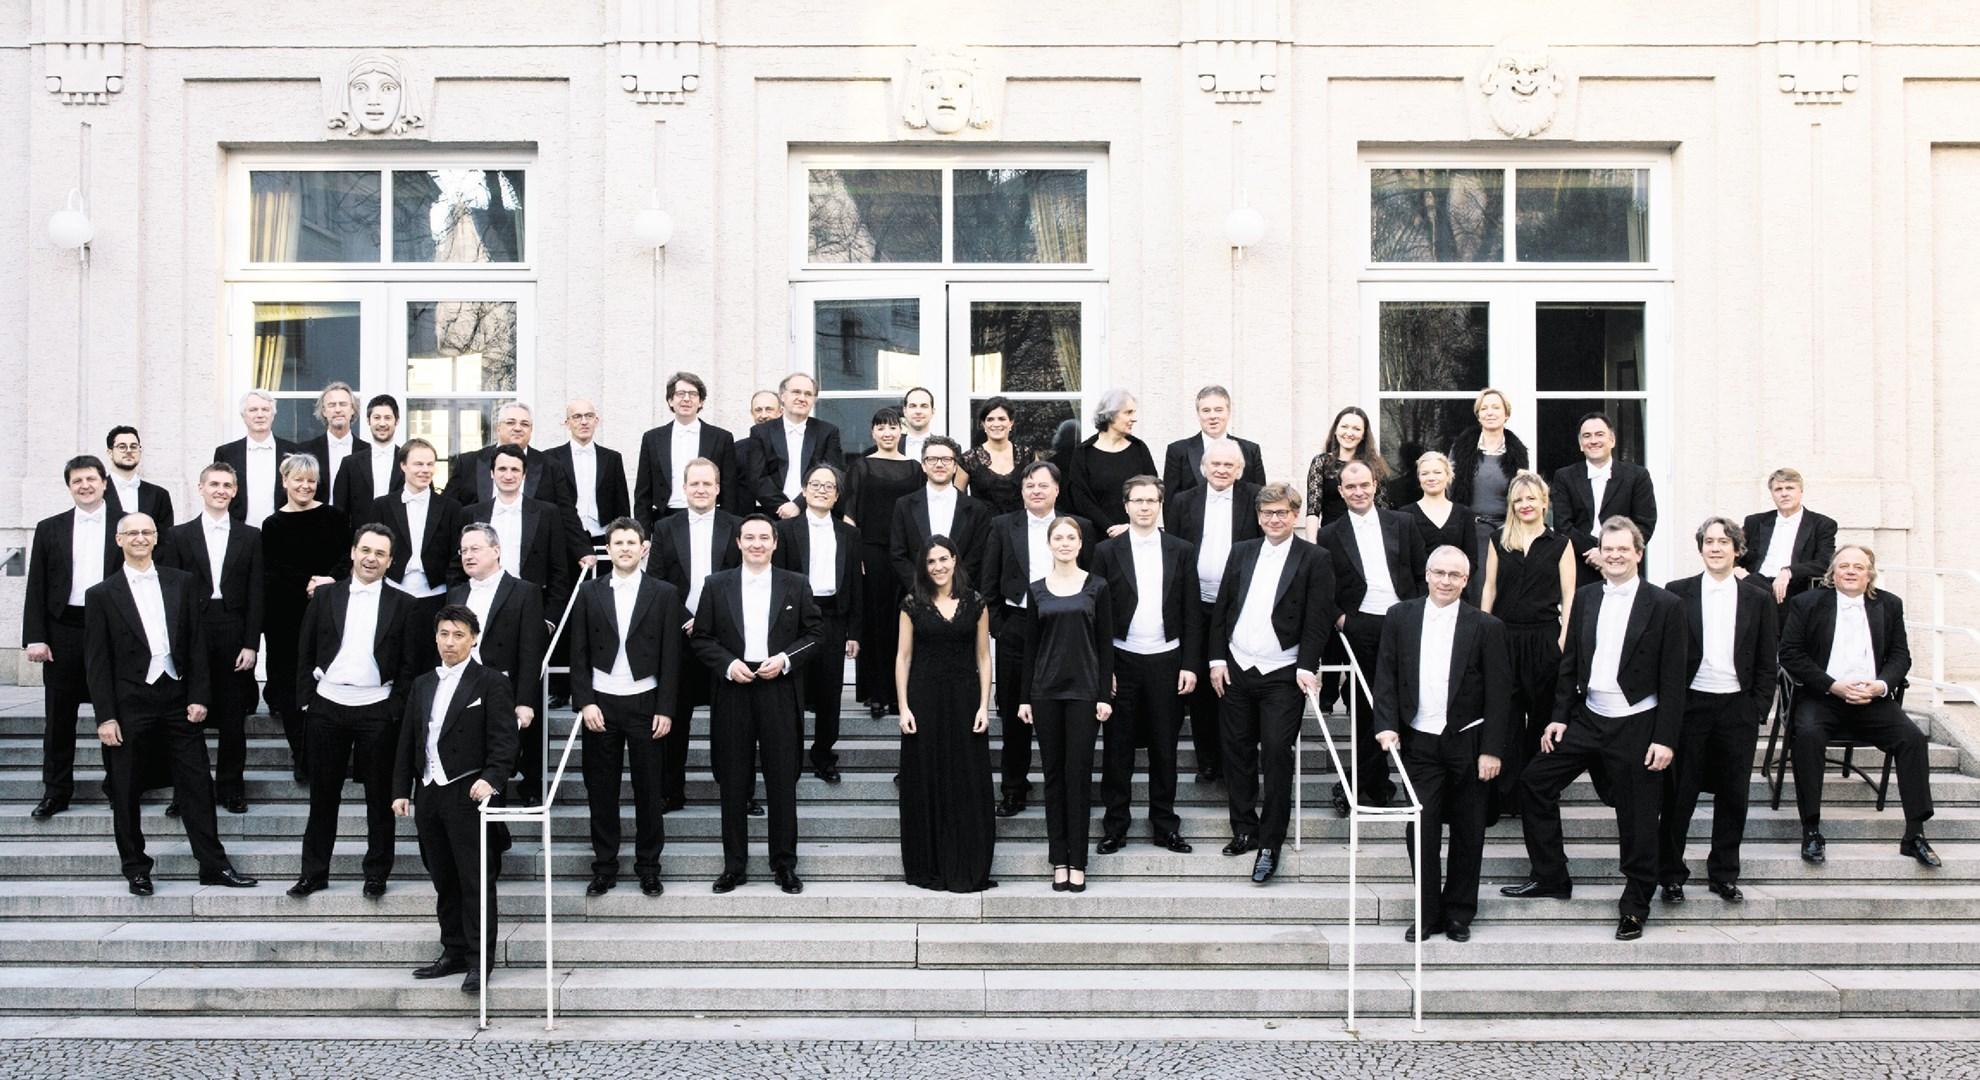 Münchenski radijski orkester in Zbor Bavarskega radia: Večer virtuozno izbrušenega sodelovanja